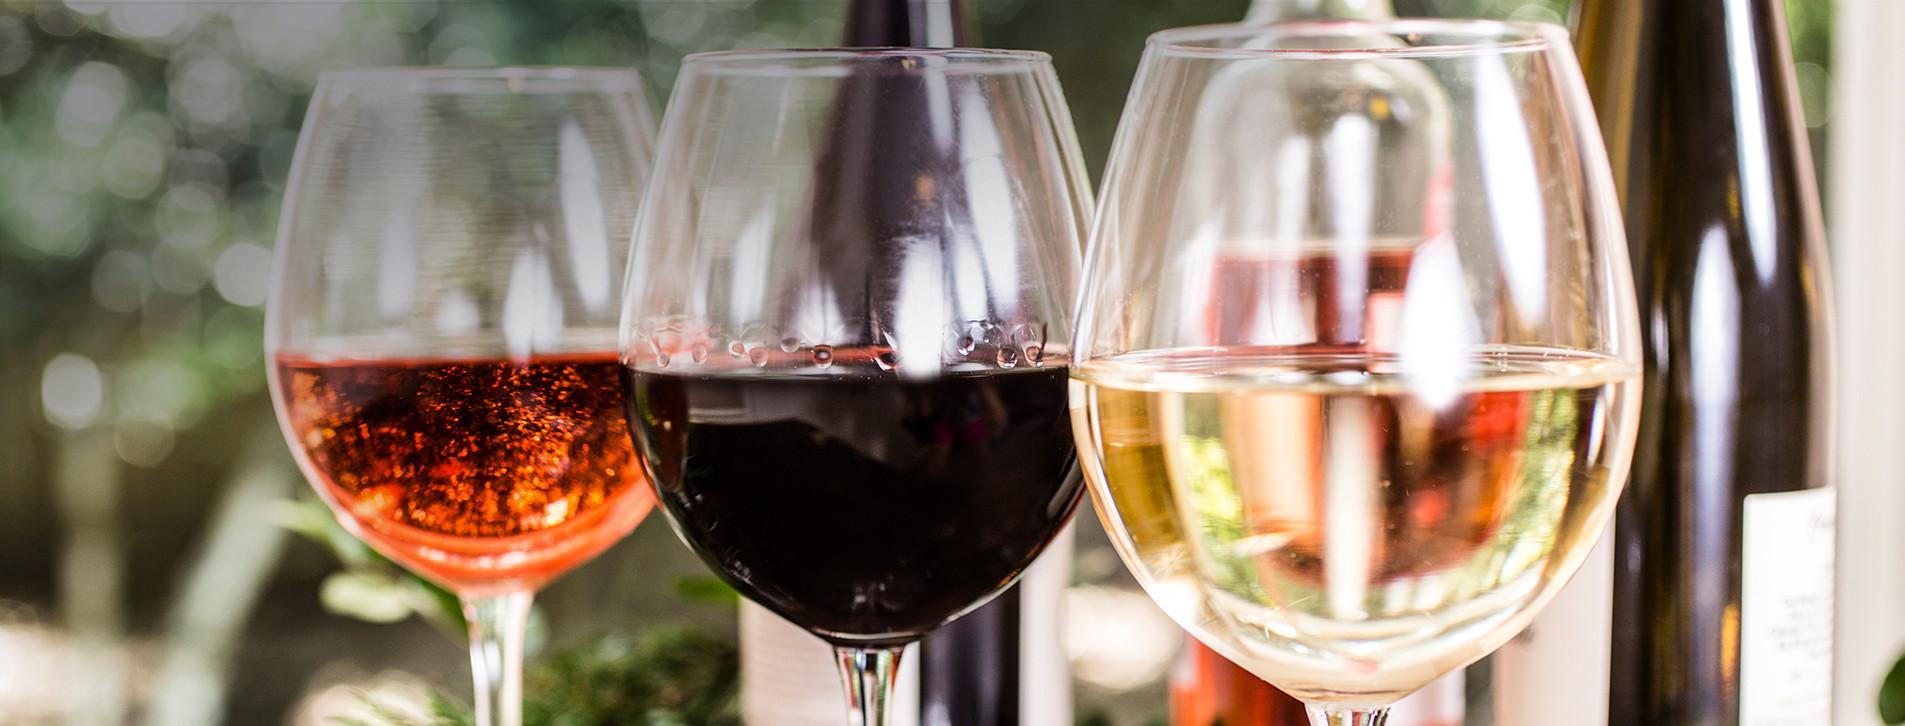 Фото - Безлимитное вино для компании